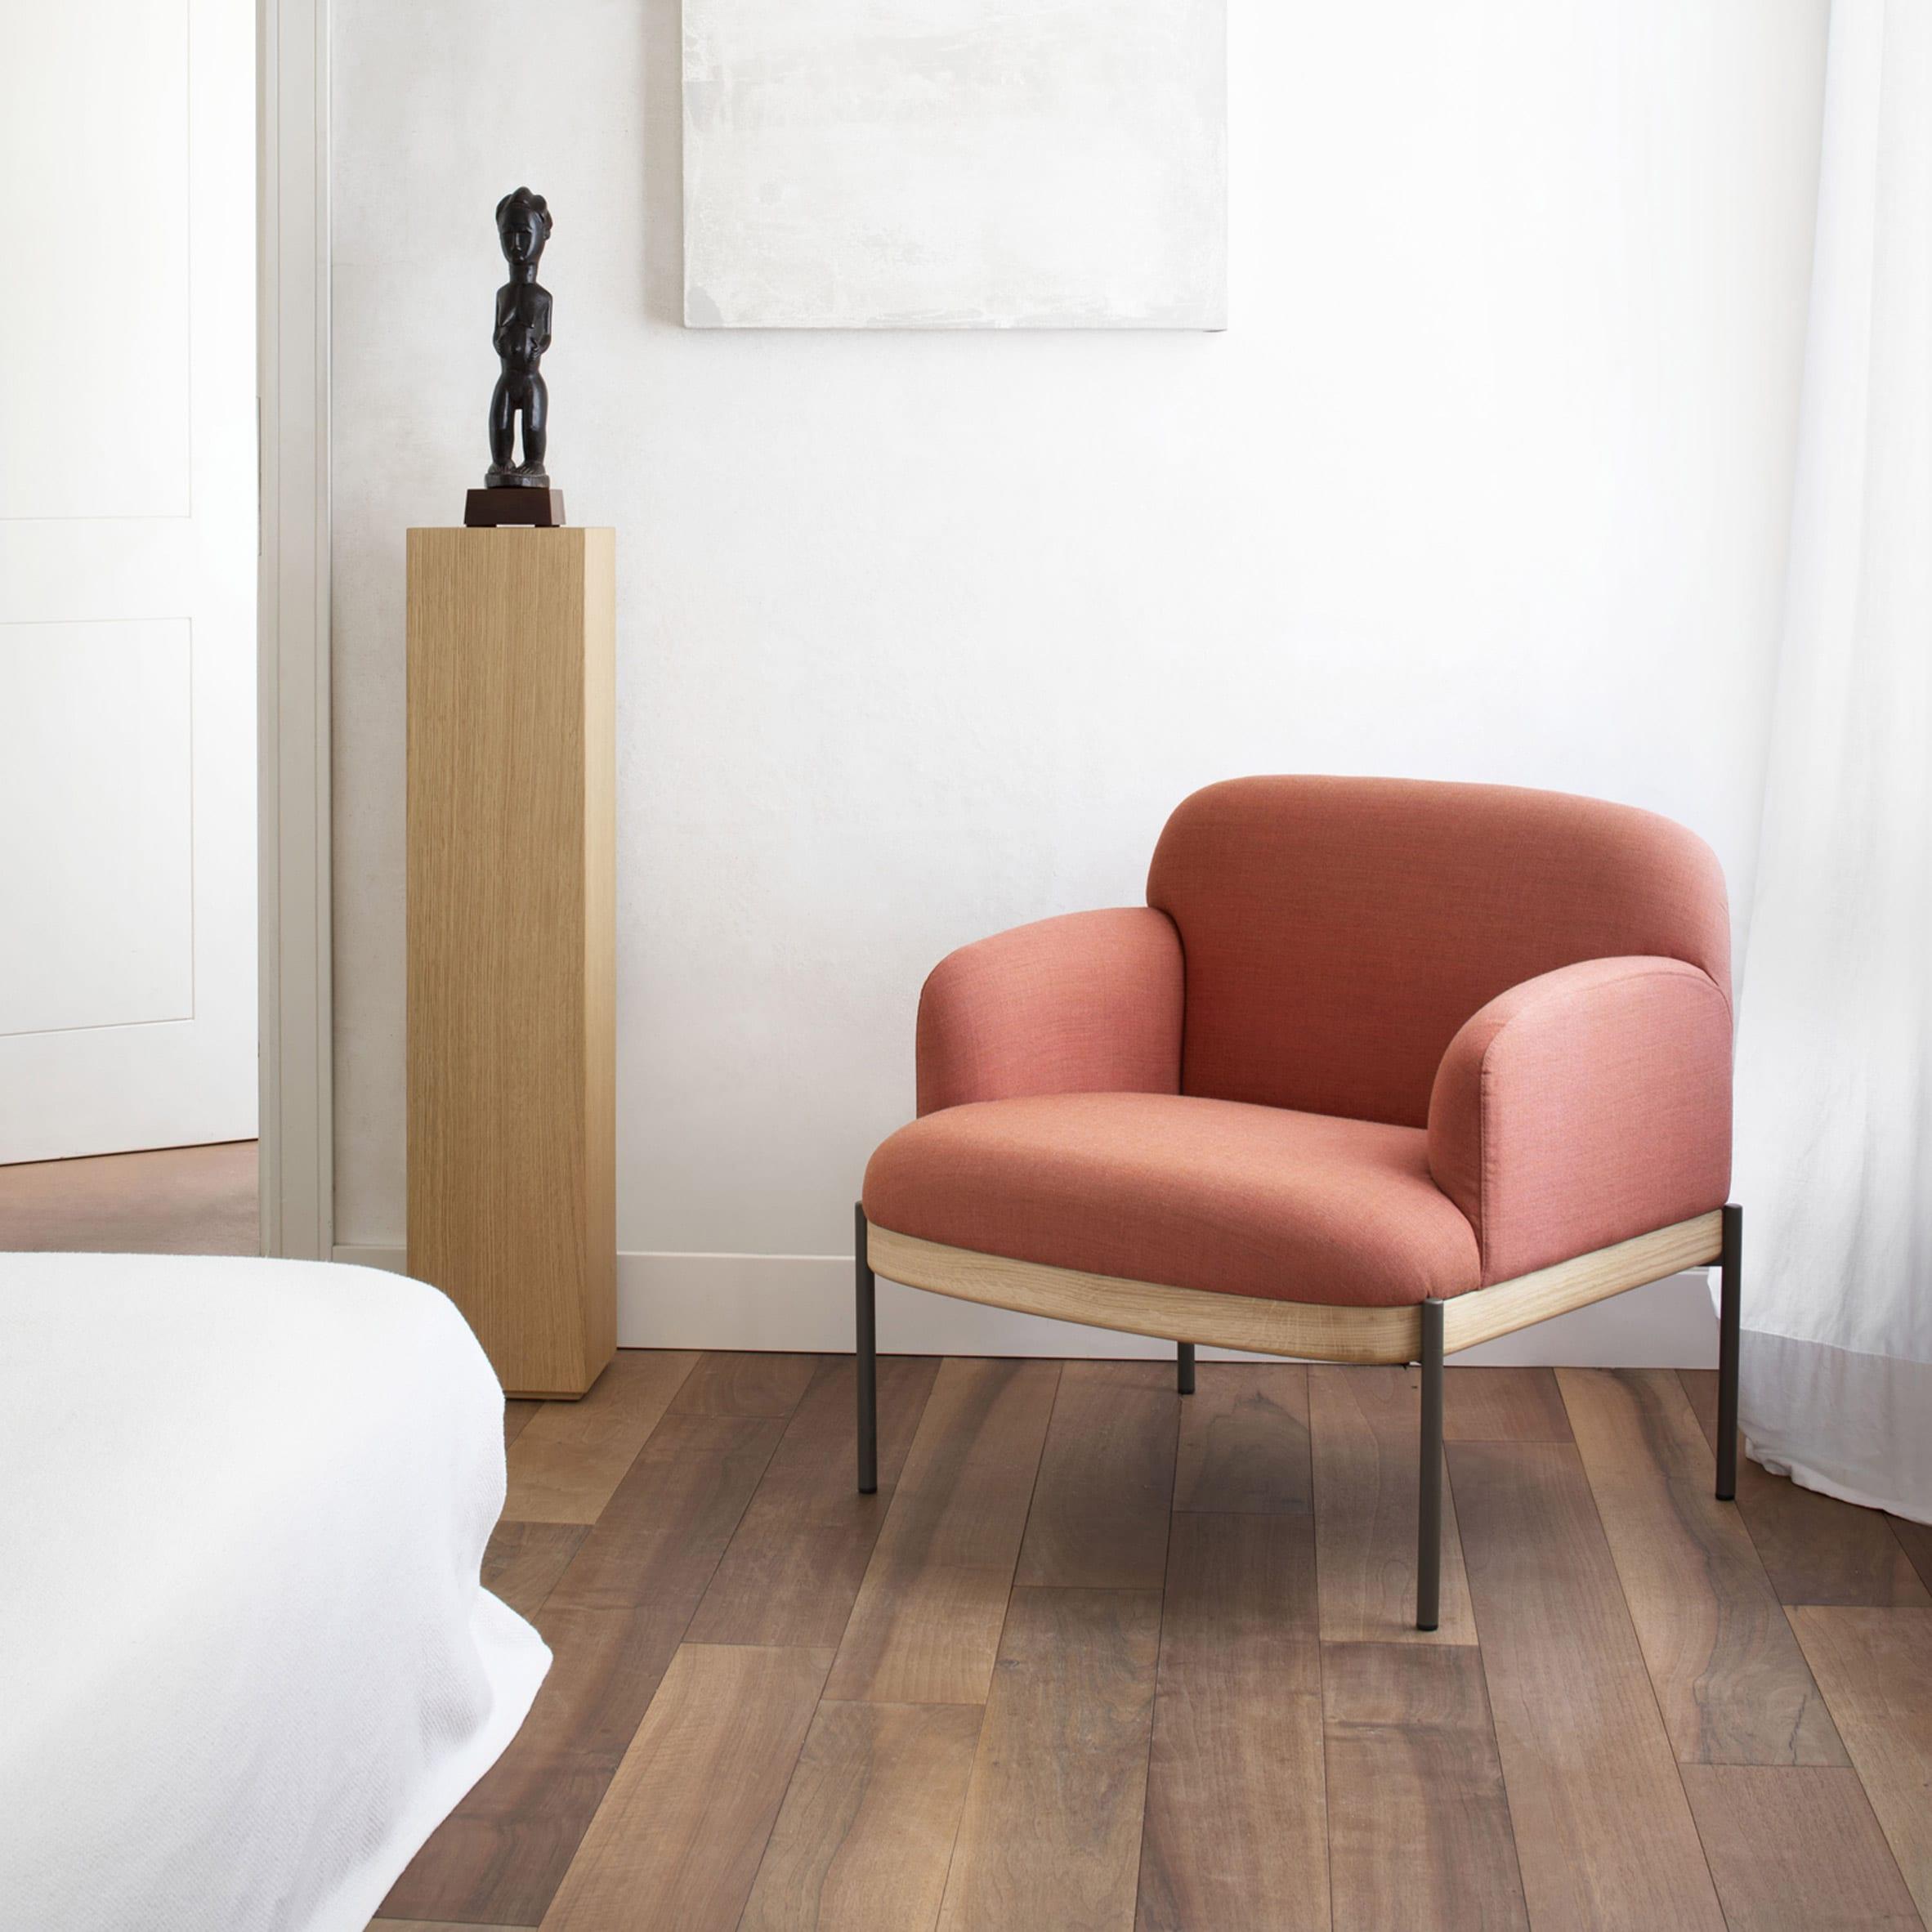 Abisko seating by Claesson Koivisto Rune for True Design